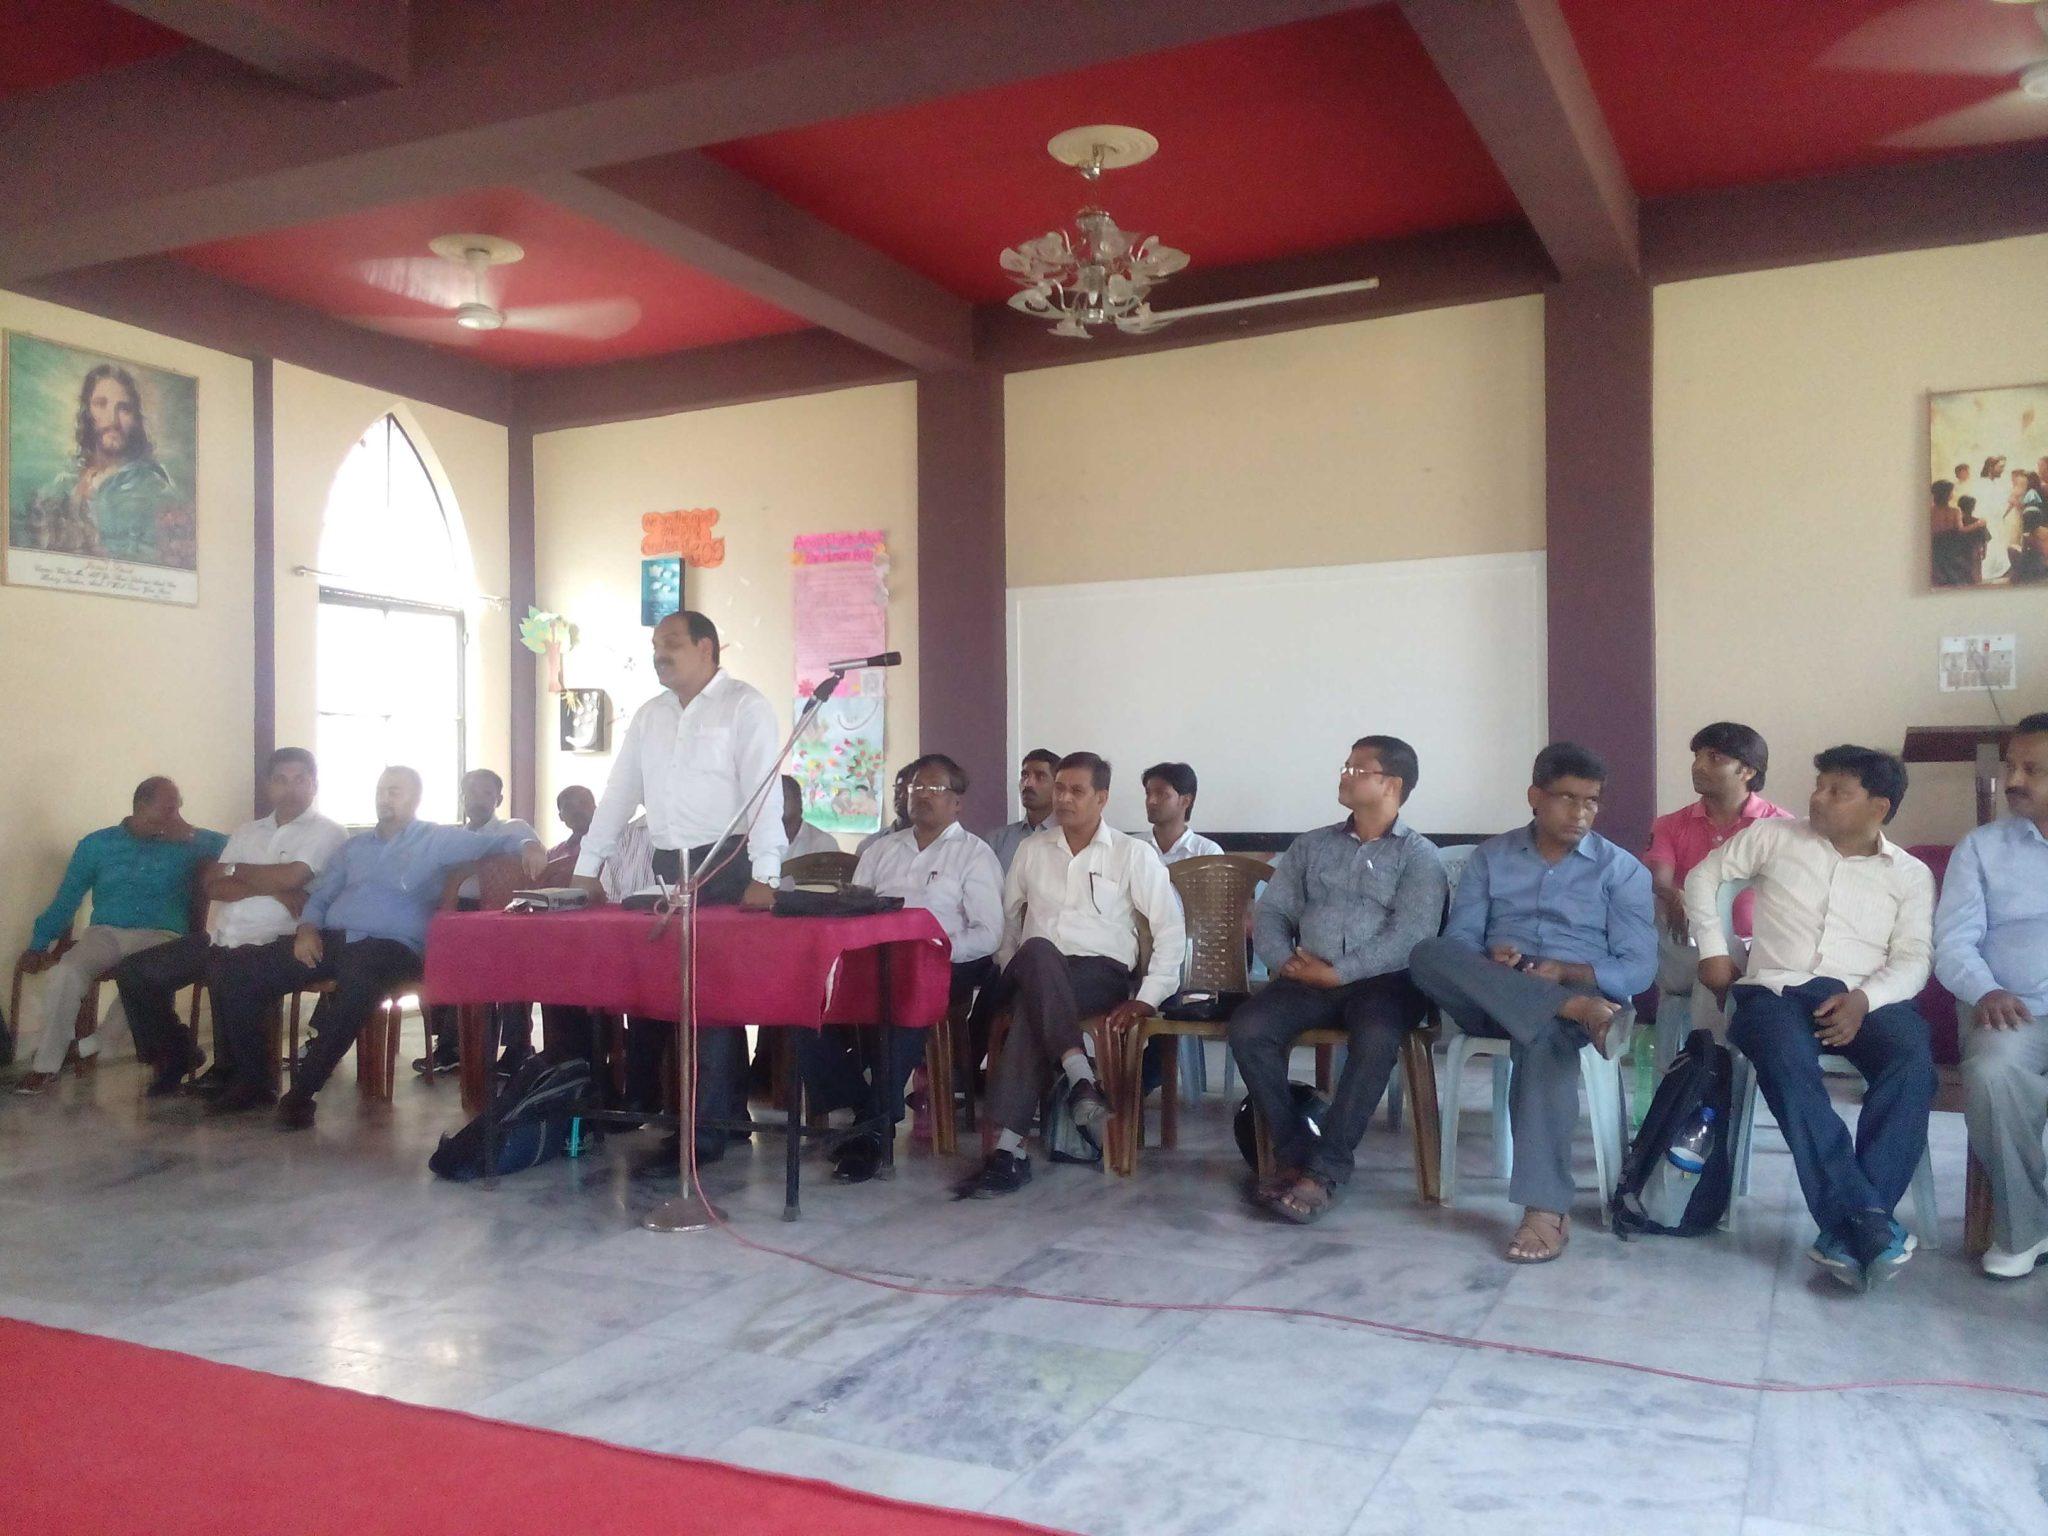 मुख्यमंत्री योगी के सद्बुद्धि के लिए प्रार्थना सभा का आयोजन